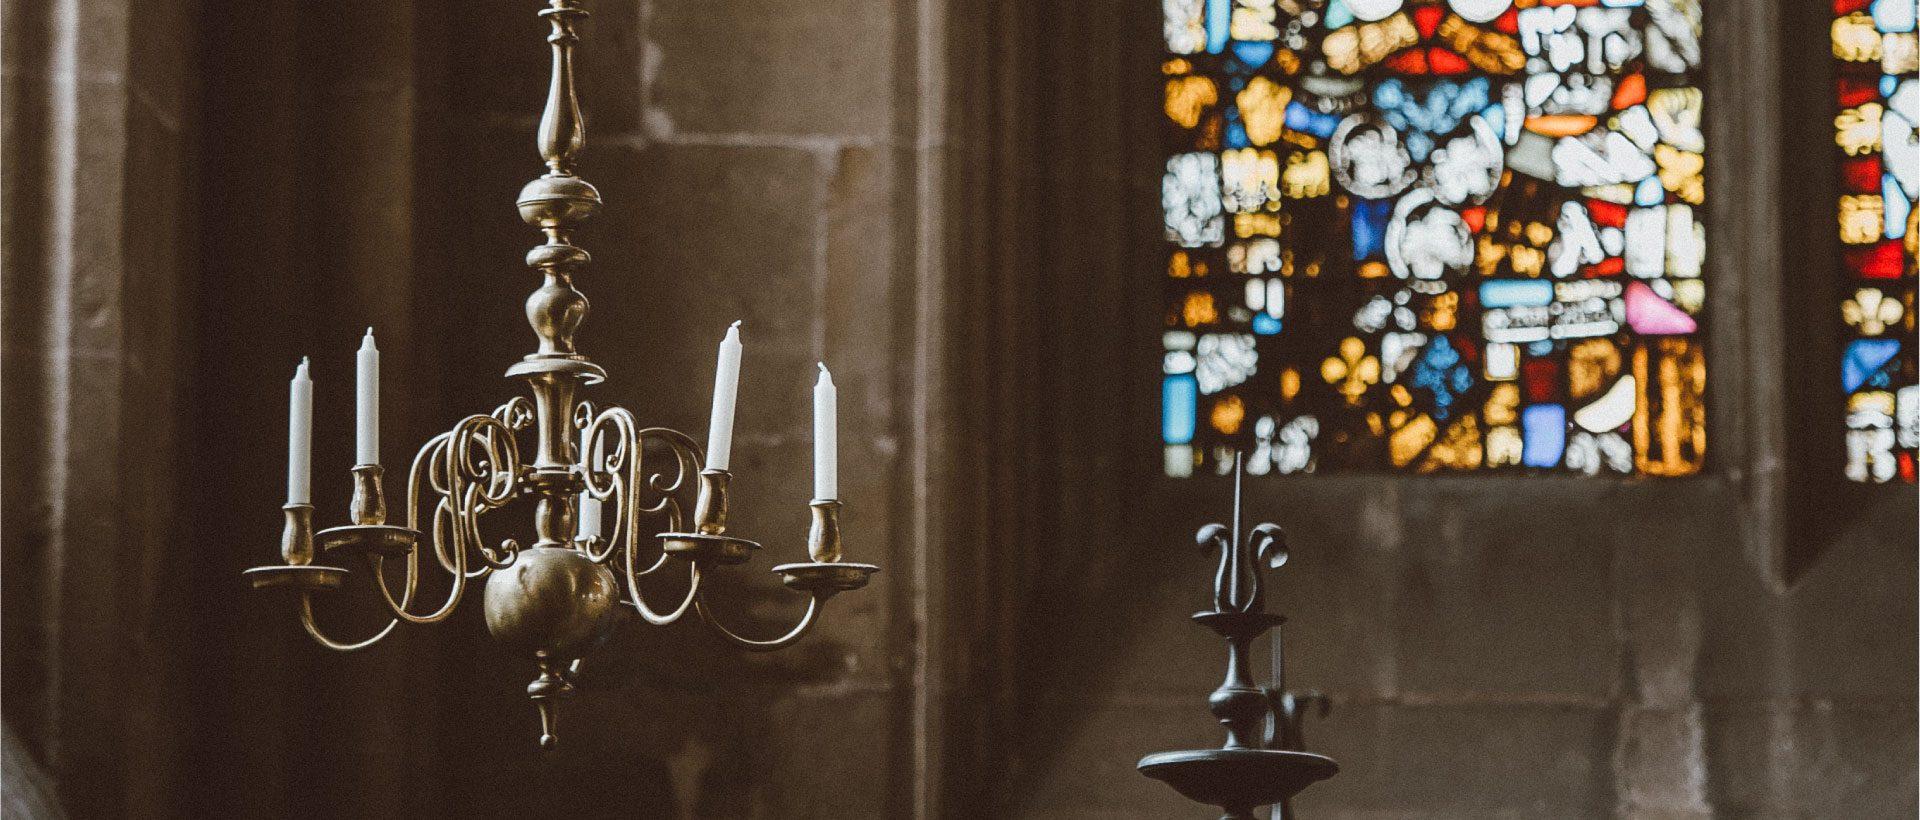 Spurgeon's Greatest Sermon